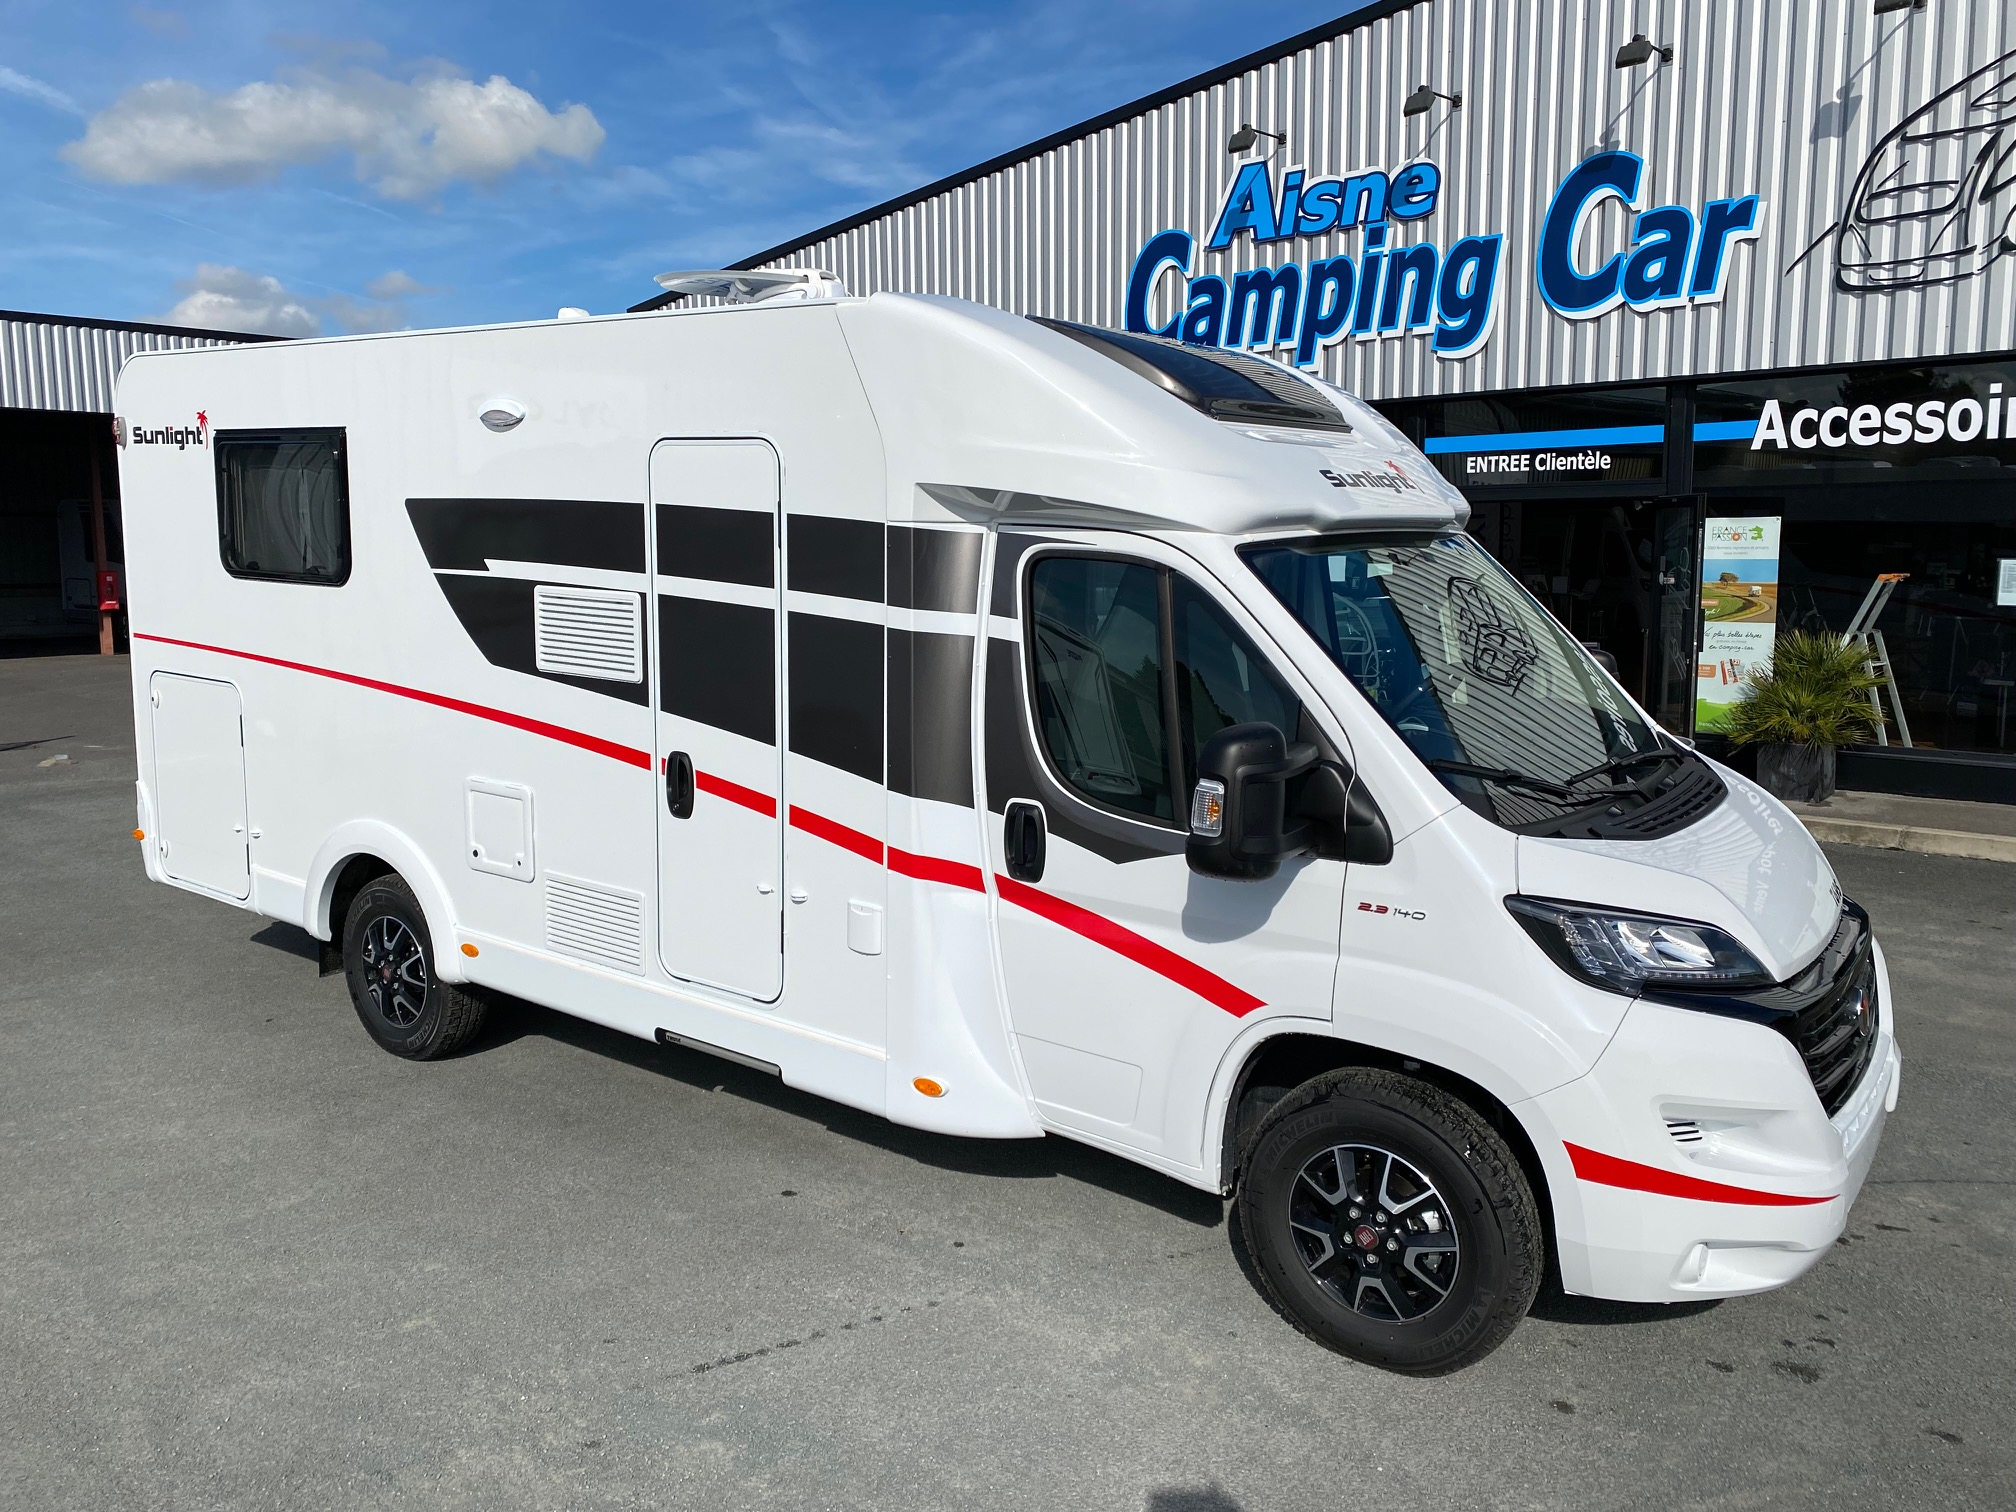 Camping-car SUNLIGHT T 69 S 2021